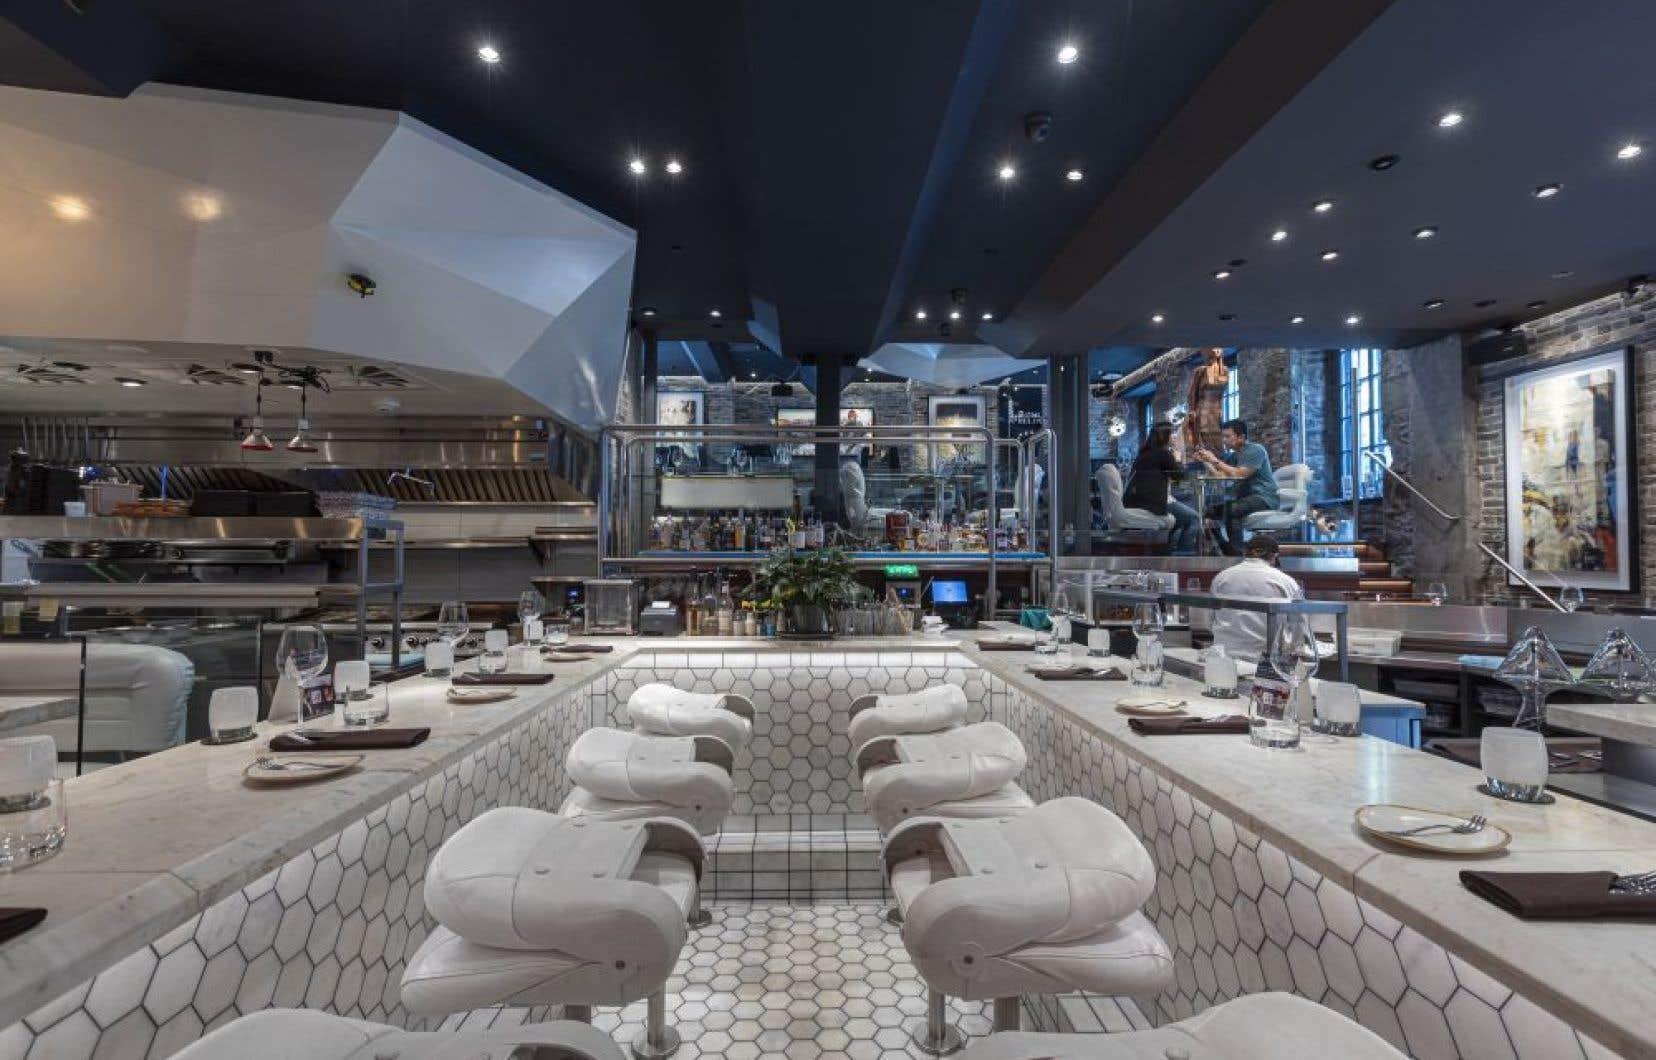 Le restaurant Ophélia est un établissement où le menu évolue constamment et où les plateaux de fruits de mer côtoient d'excellentes grillades.